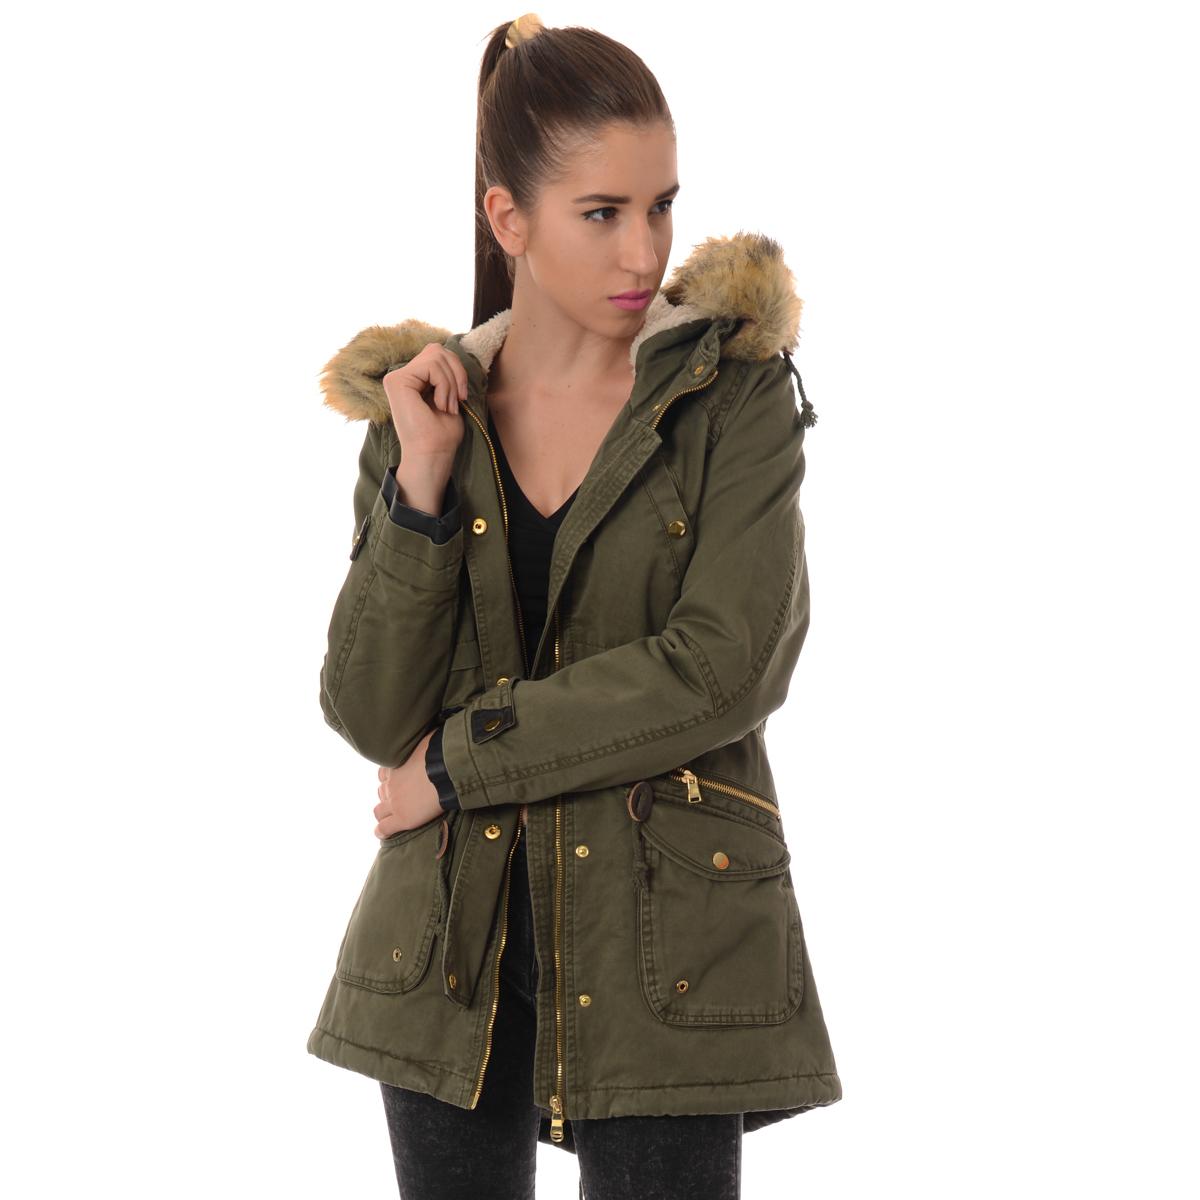 Woolrich Kurtka damskie sprzedają się dobrze teraz można go kupić dla siebie lub przyjaciół lub rodziny, to będzie najlepszy prezent. Woolrich Parka Sklep Zwięzłe wzornictwo i doskonała jakość może być głównym powodem, że peolple wybrać Woolrich arktyczną kurtkę, to zasługujesz kupisz.